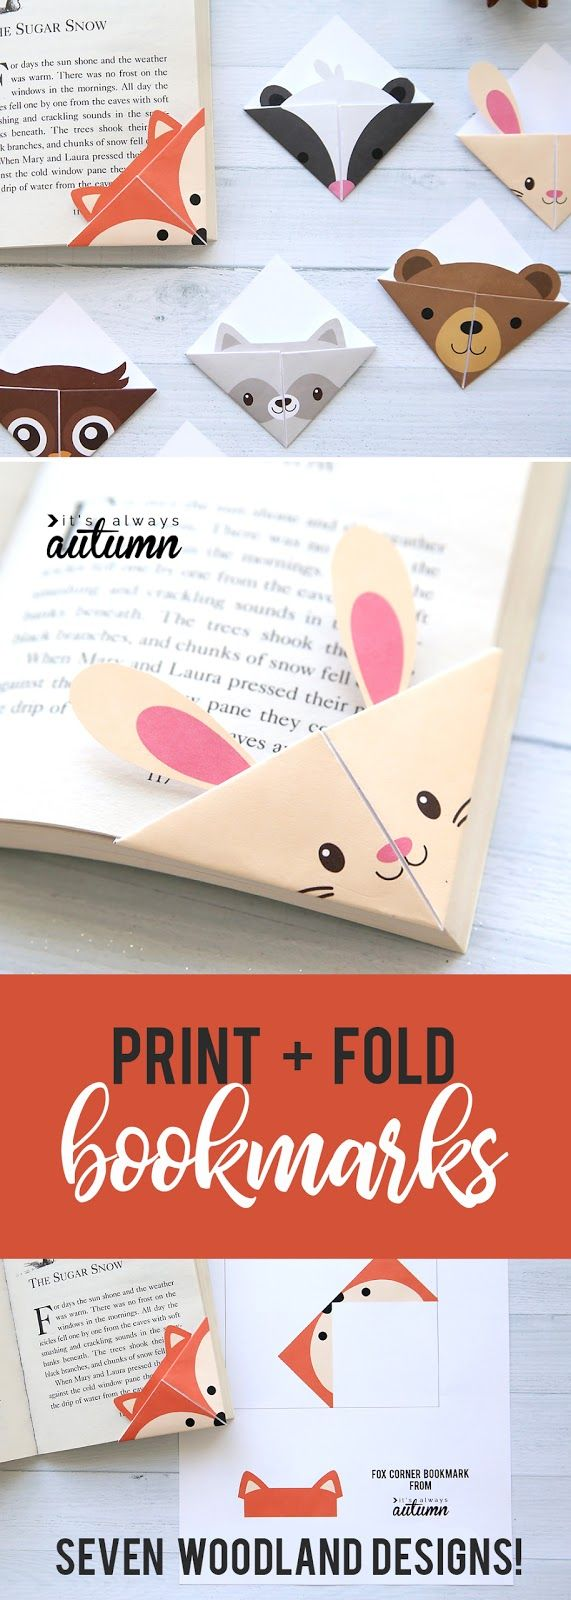 Reciclaje creativo de varios materiales en especial papel, Algunas recetas originales que te van a encantar . ¡ te espero !